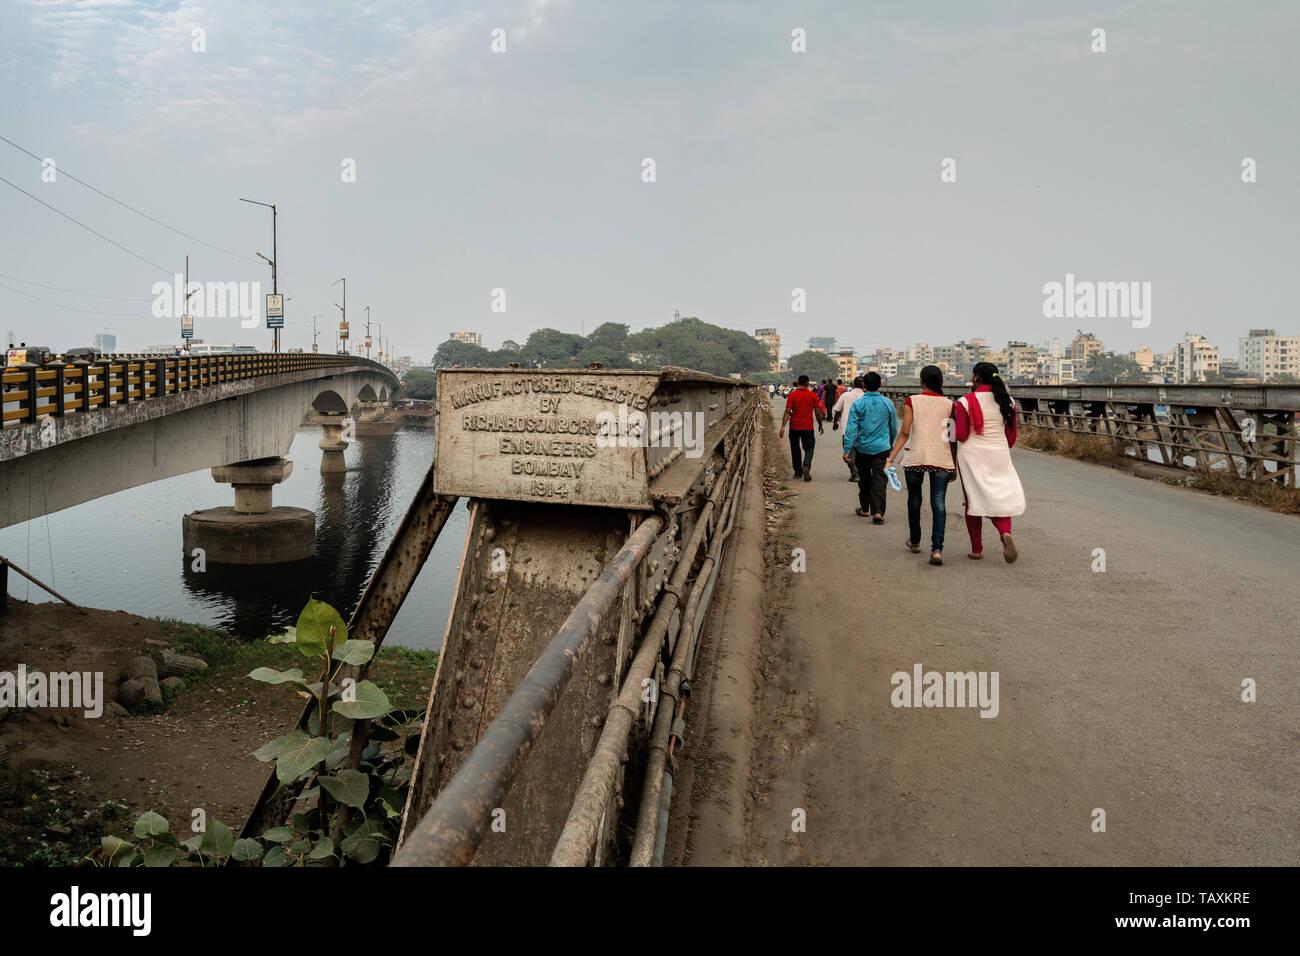 Bhiwandi Stock Photos & Bhiwandi Stock Images - Alamy